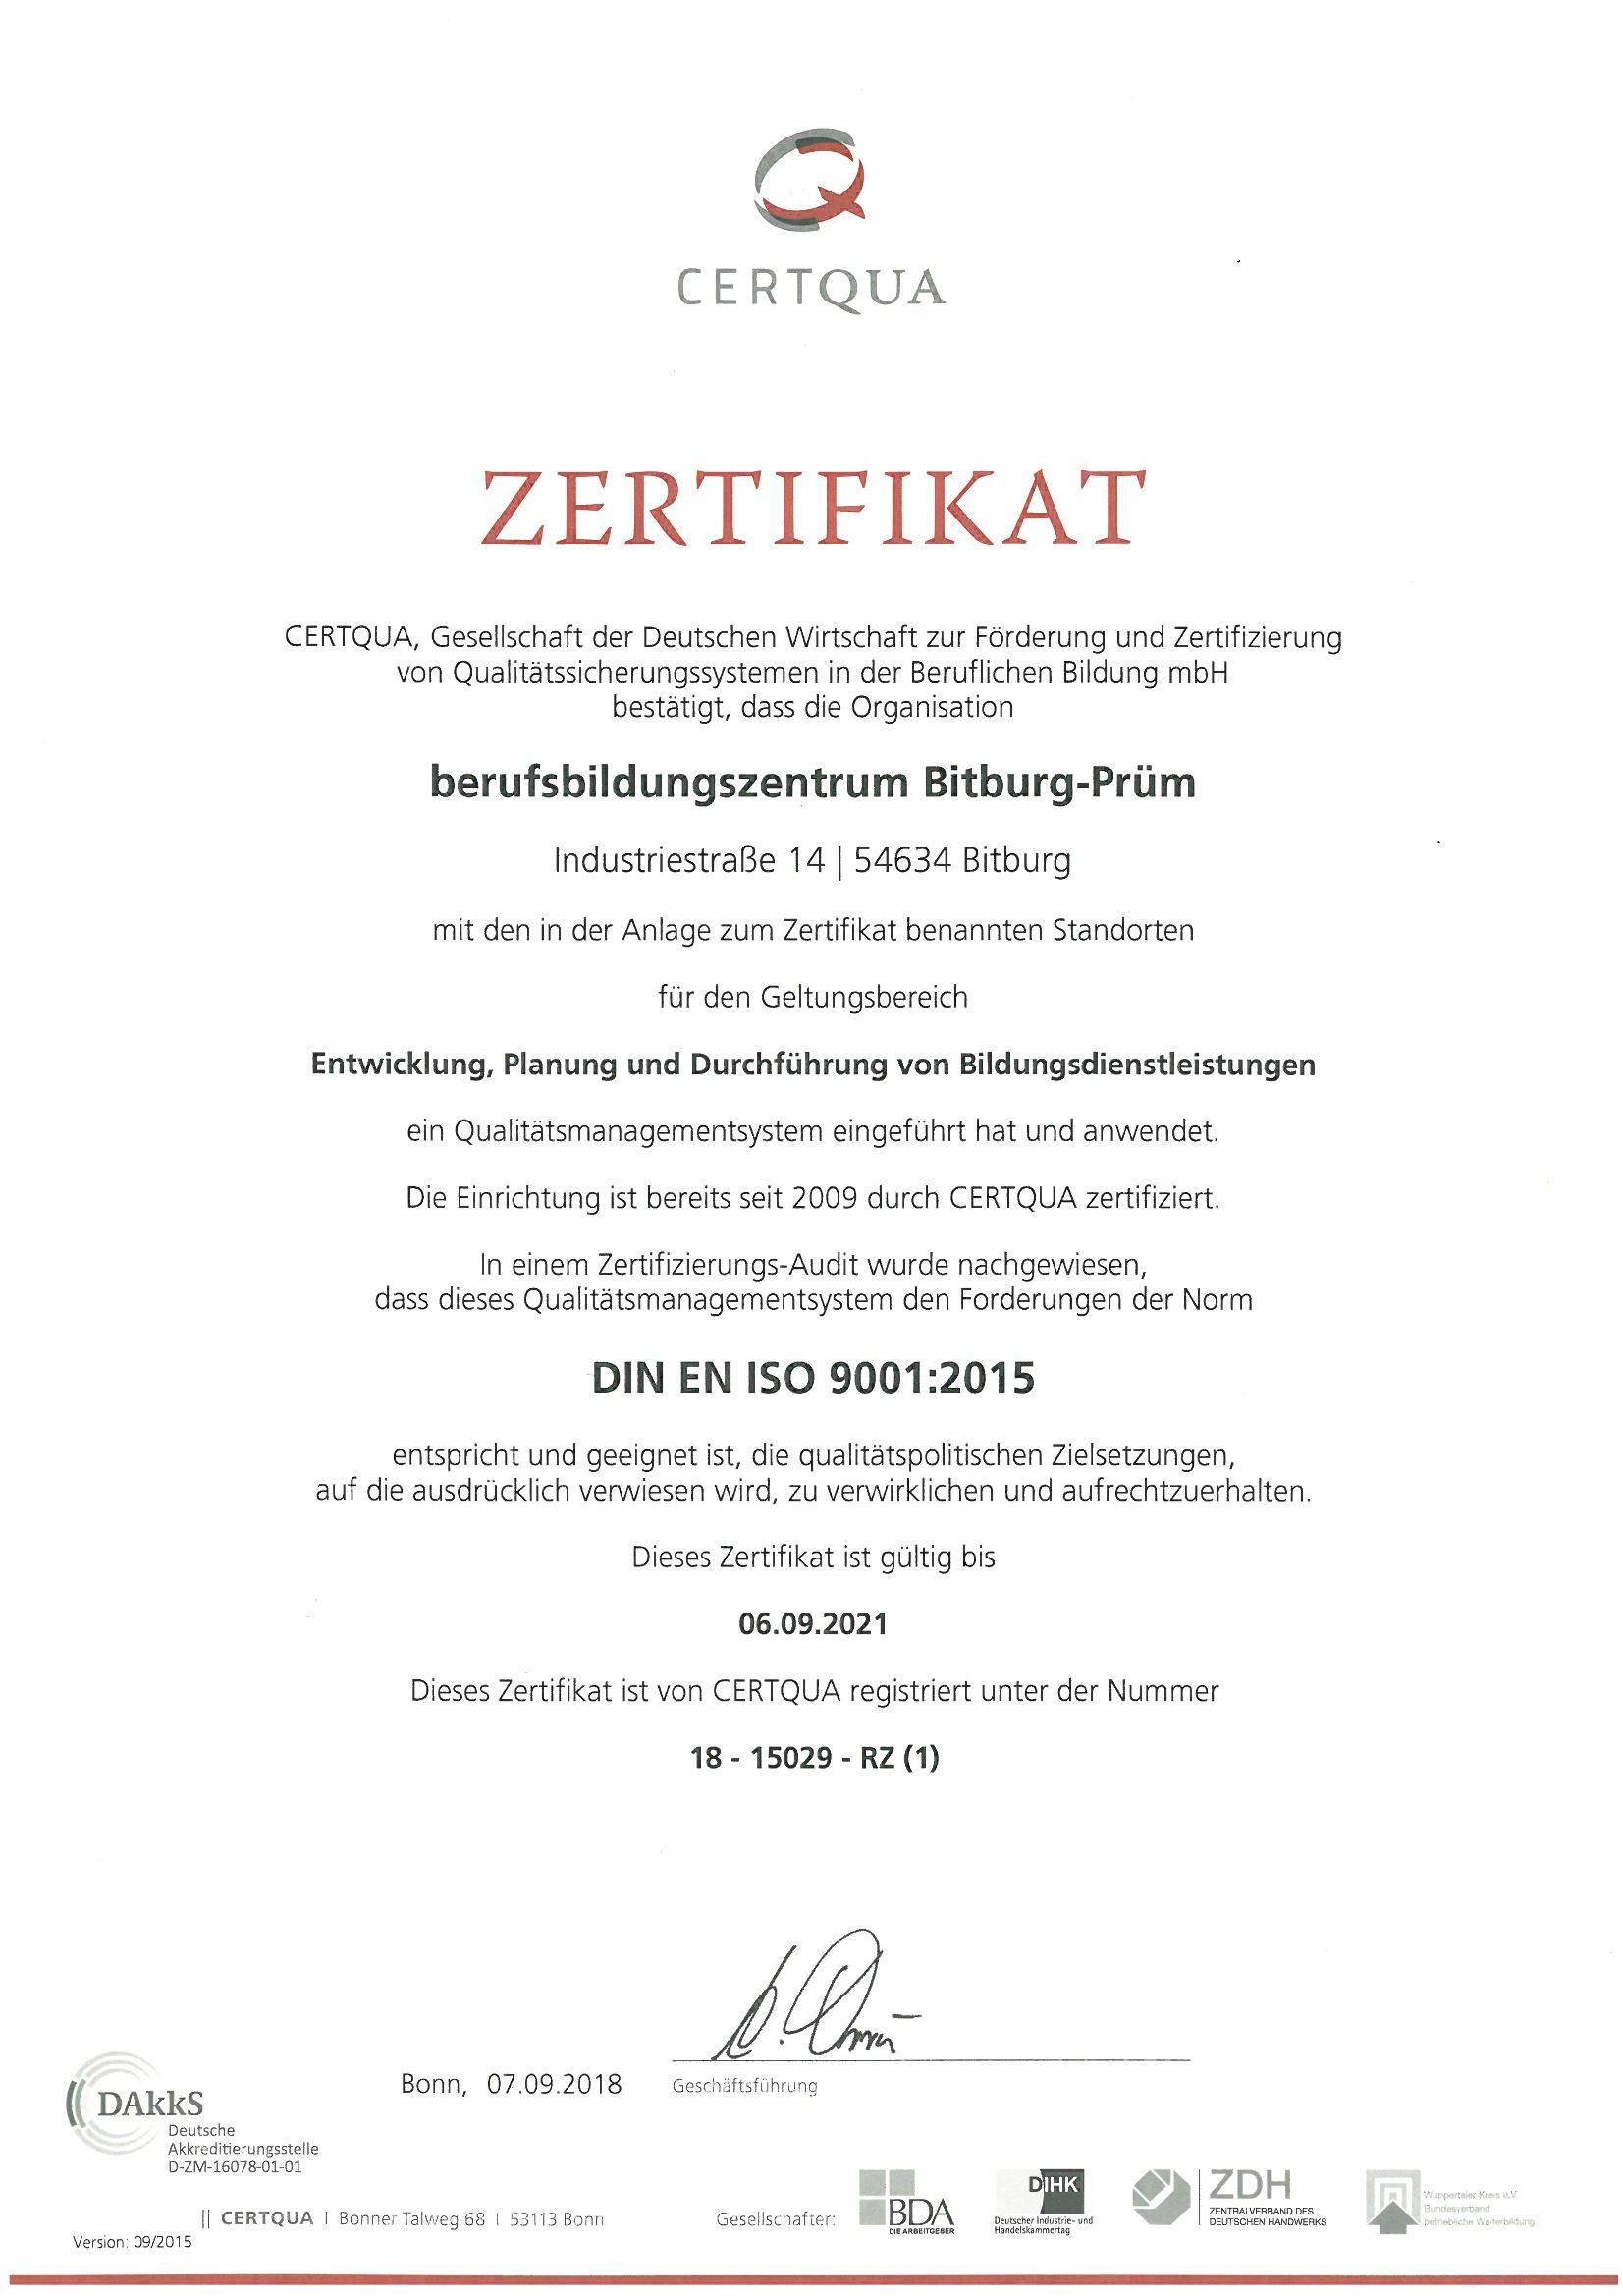 Erfolgreiche Zertifizierung nach der DIN EN ISO 9001:2015 und AZAV